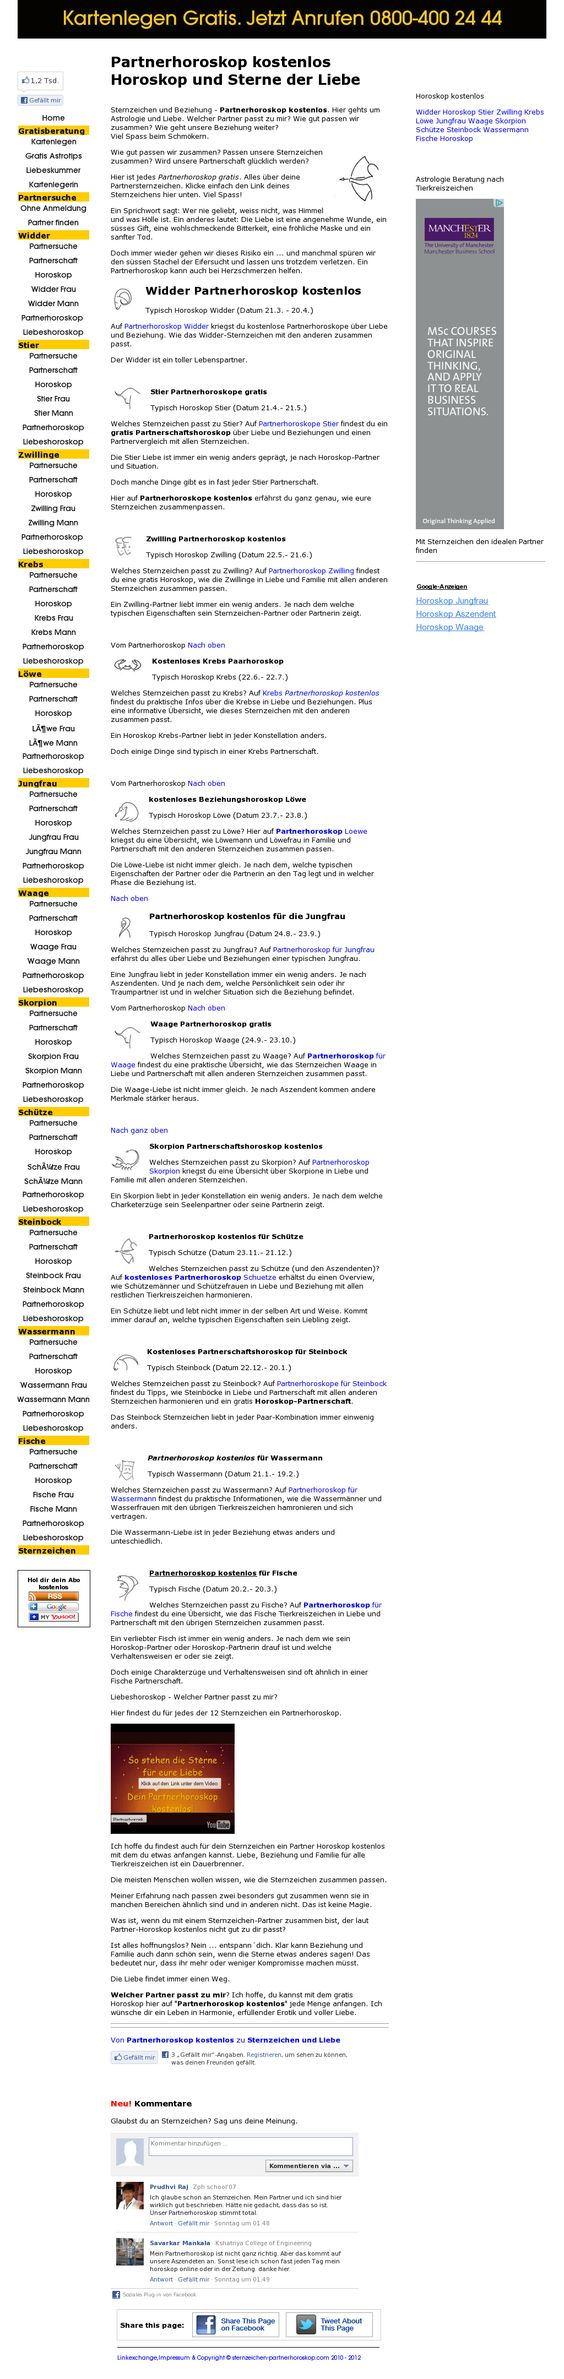 euer liebes- und partnerhoroskop >> horoskop und partner --> www.sternzeichen-partnerhoroskop.com/partnerhoroskop-kostenlos.html